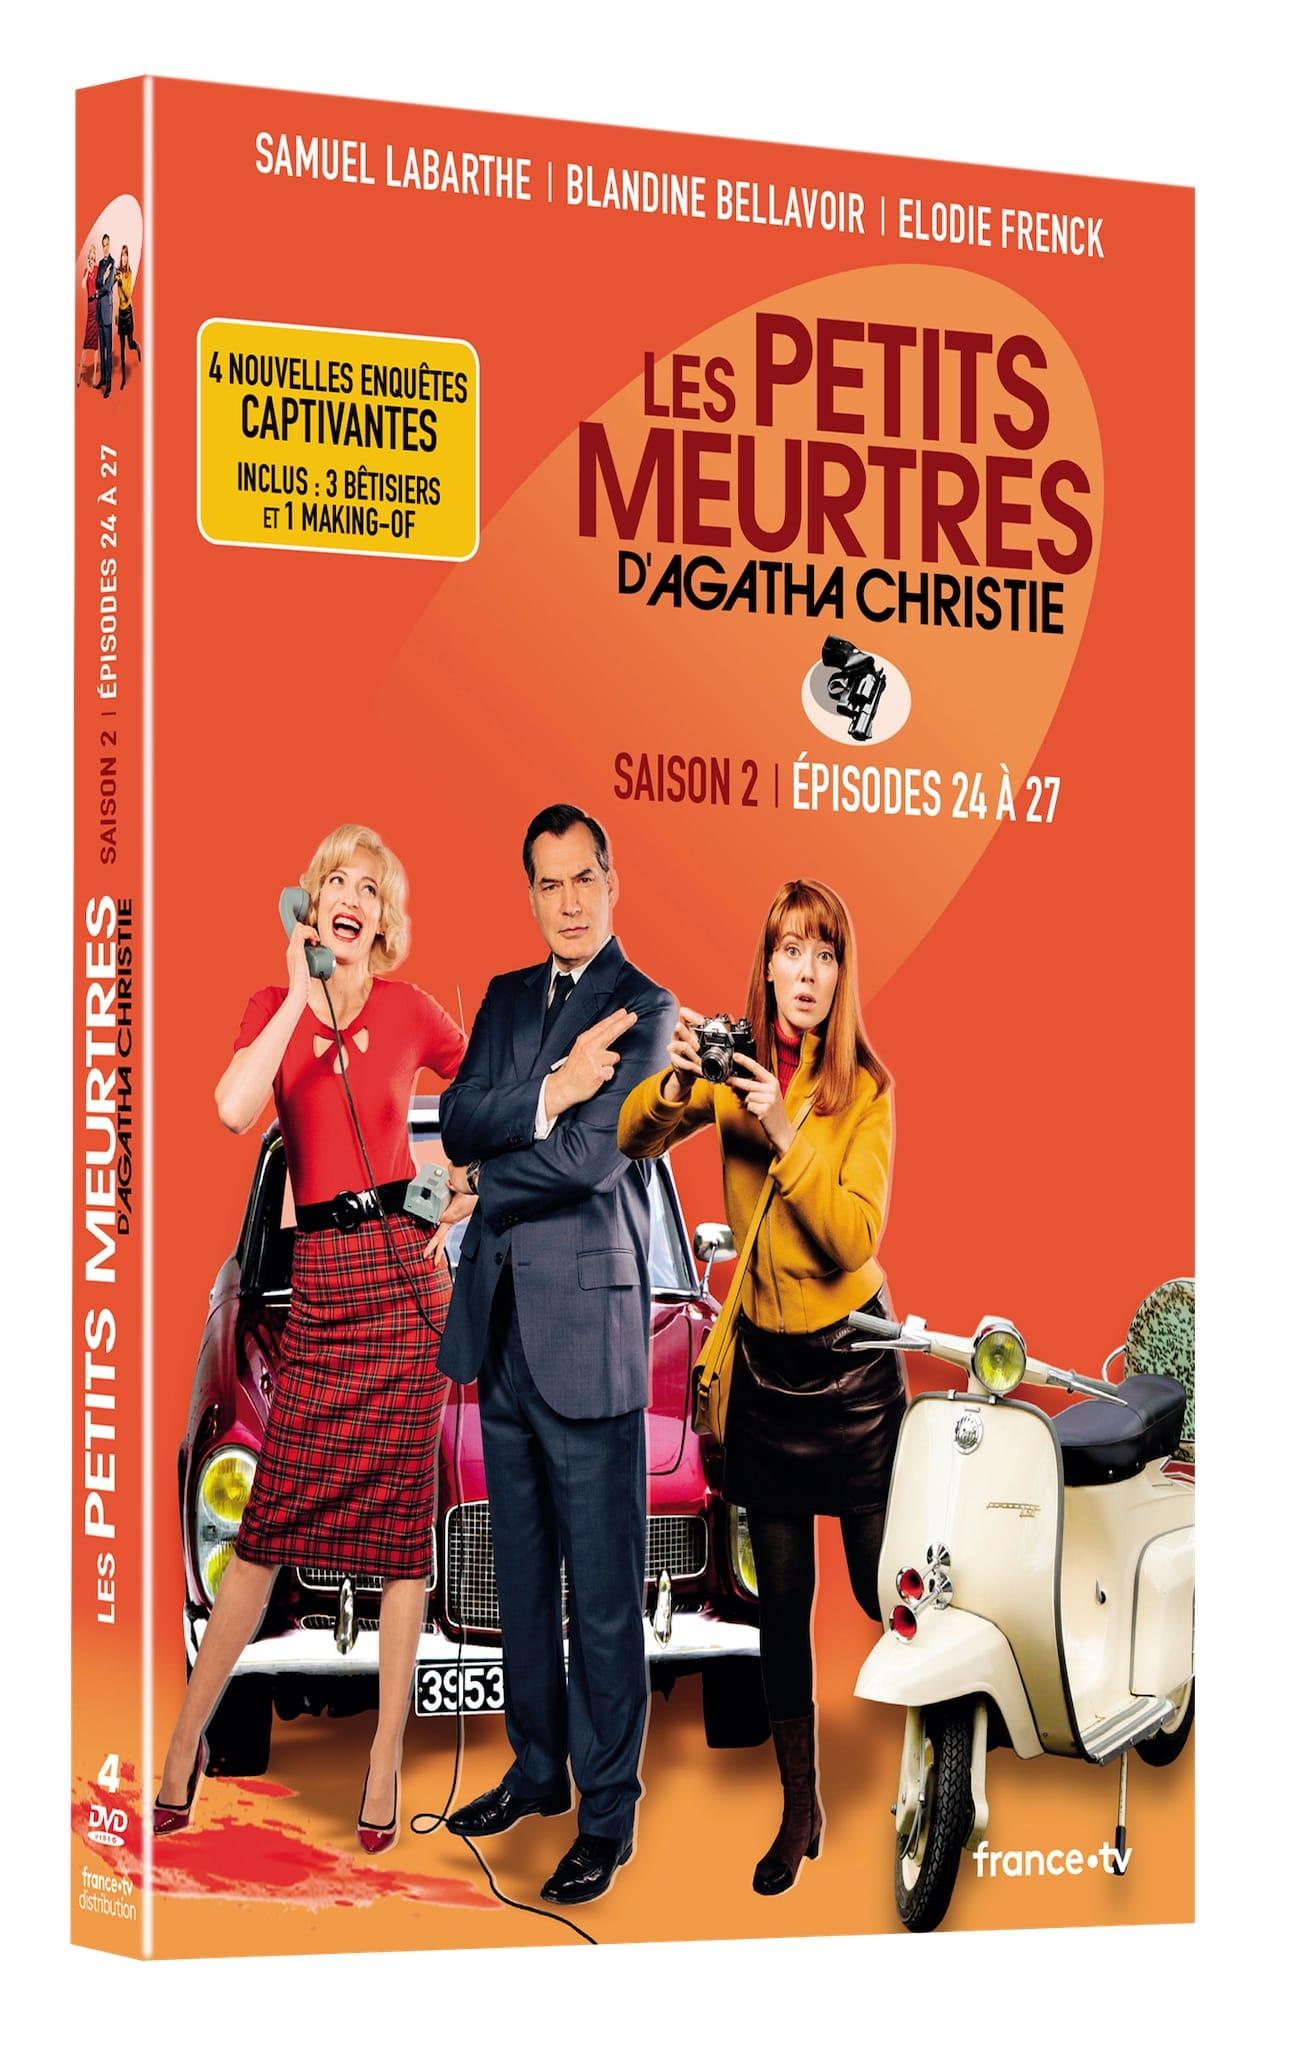 Les Petits Meurtres d'Agatha Christie épisodes 24 à 24 image DVD série téél